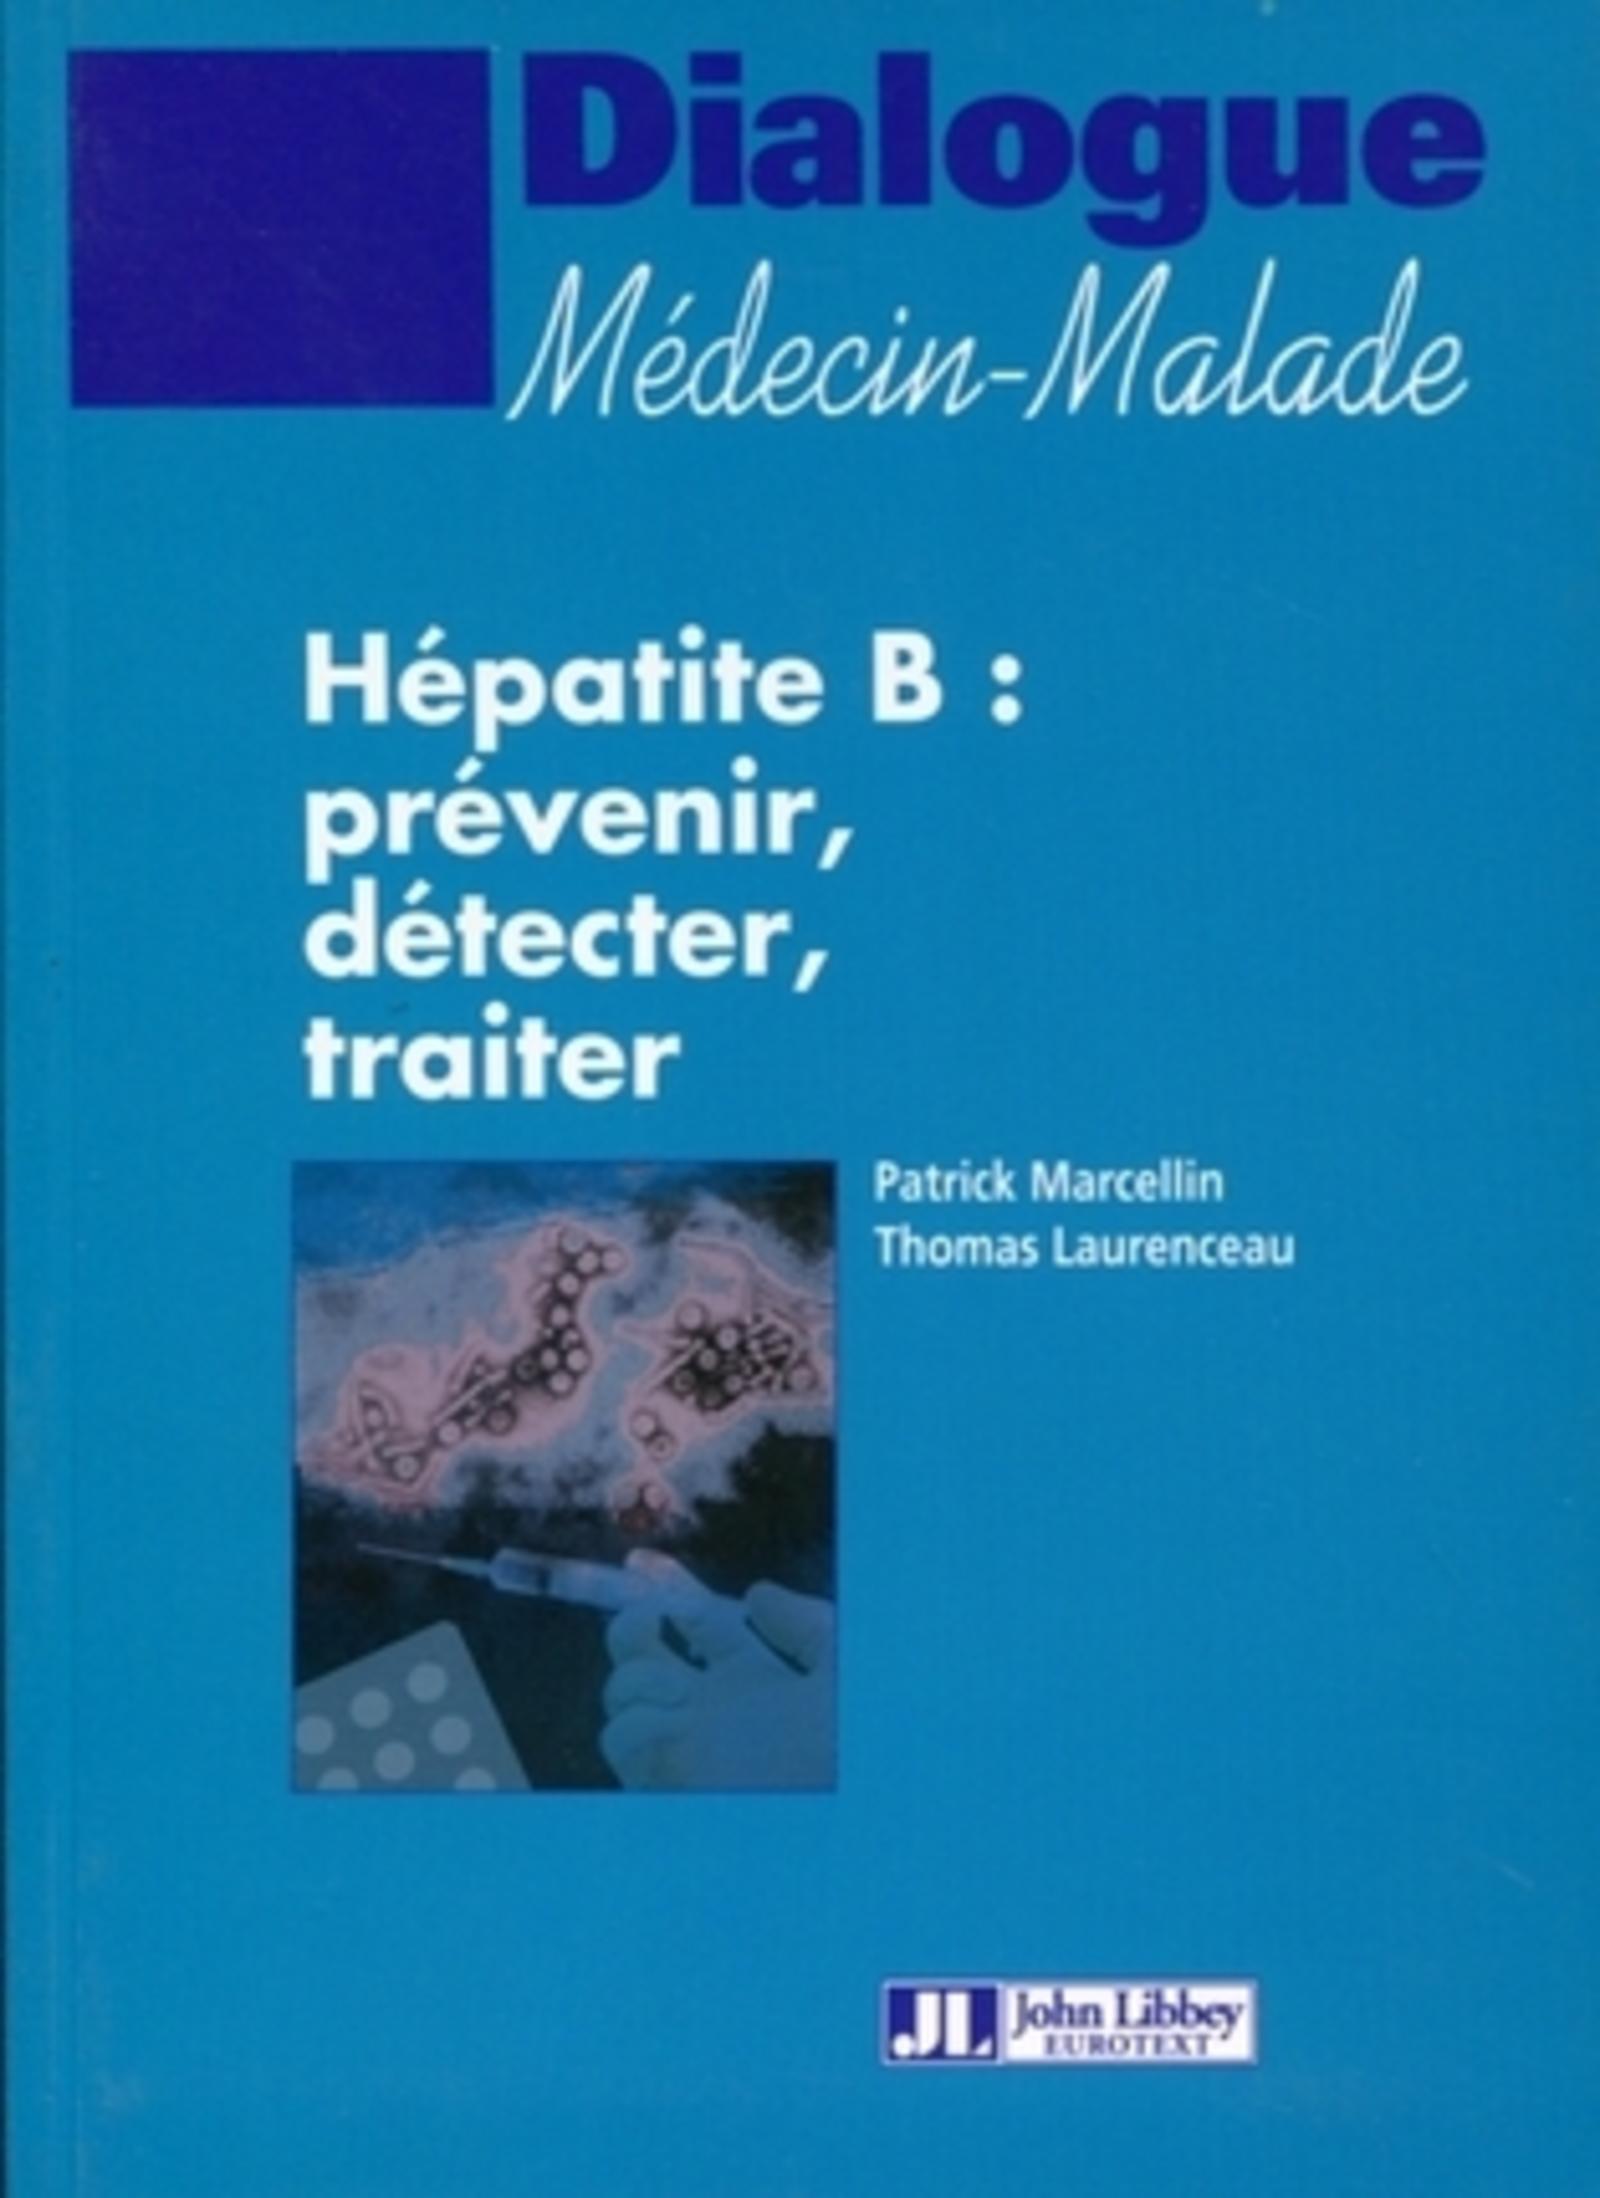 HEPATITE B : PREVENIR, DETECTER, TRAITER